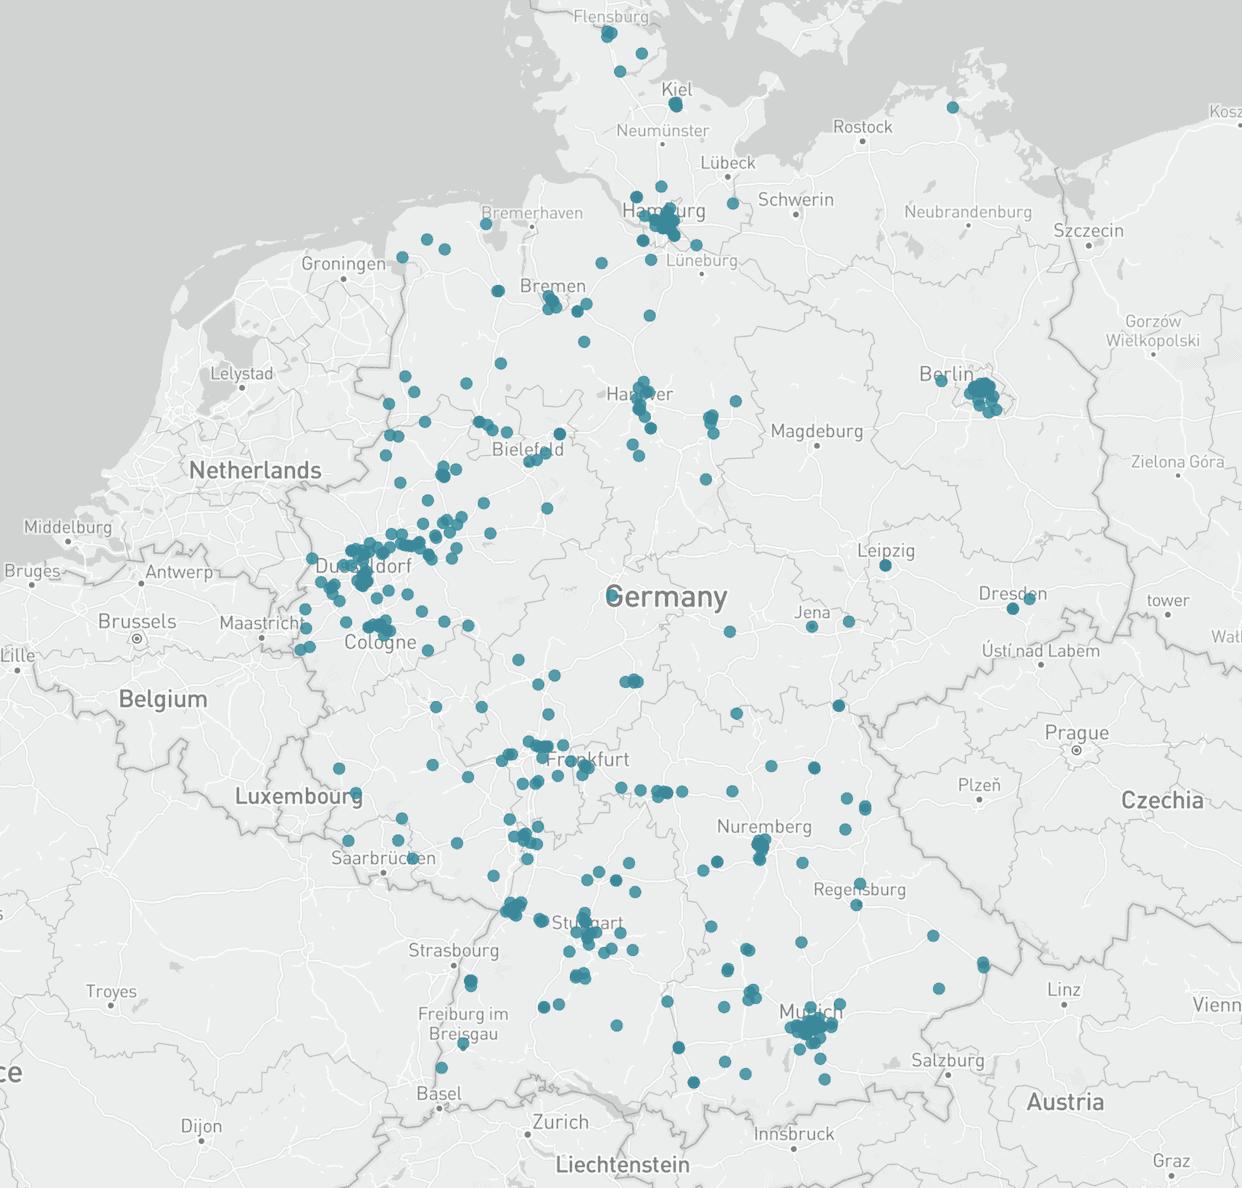 Karte Handelsunternehmen Deutschland